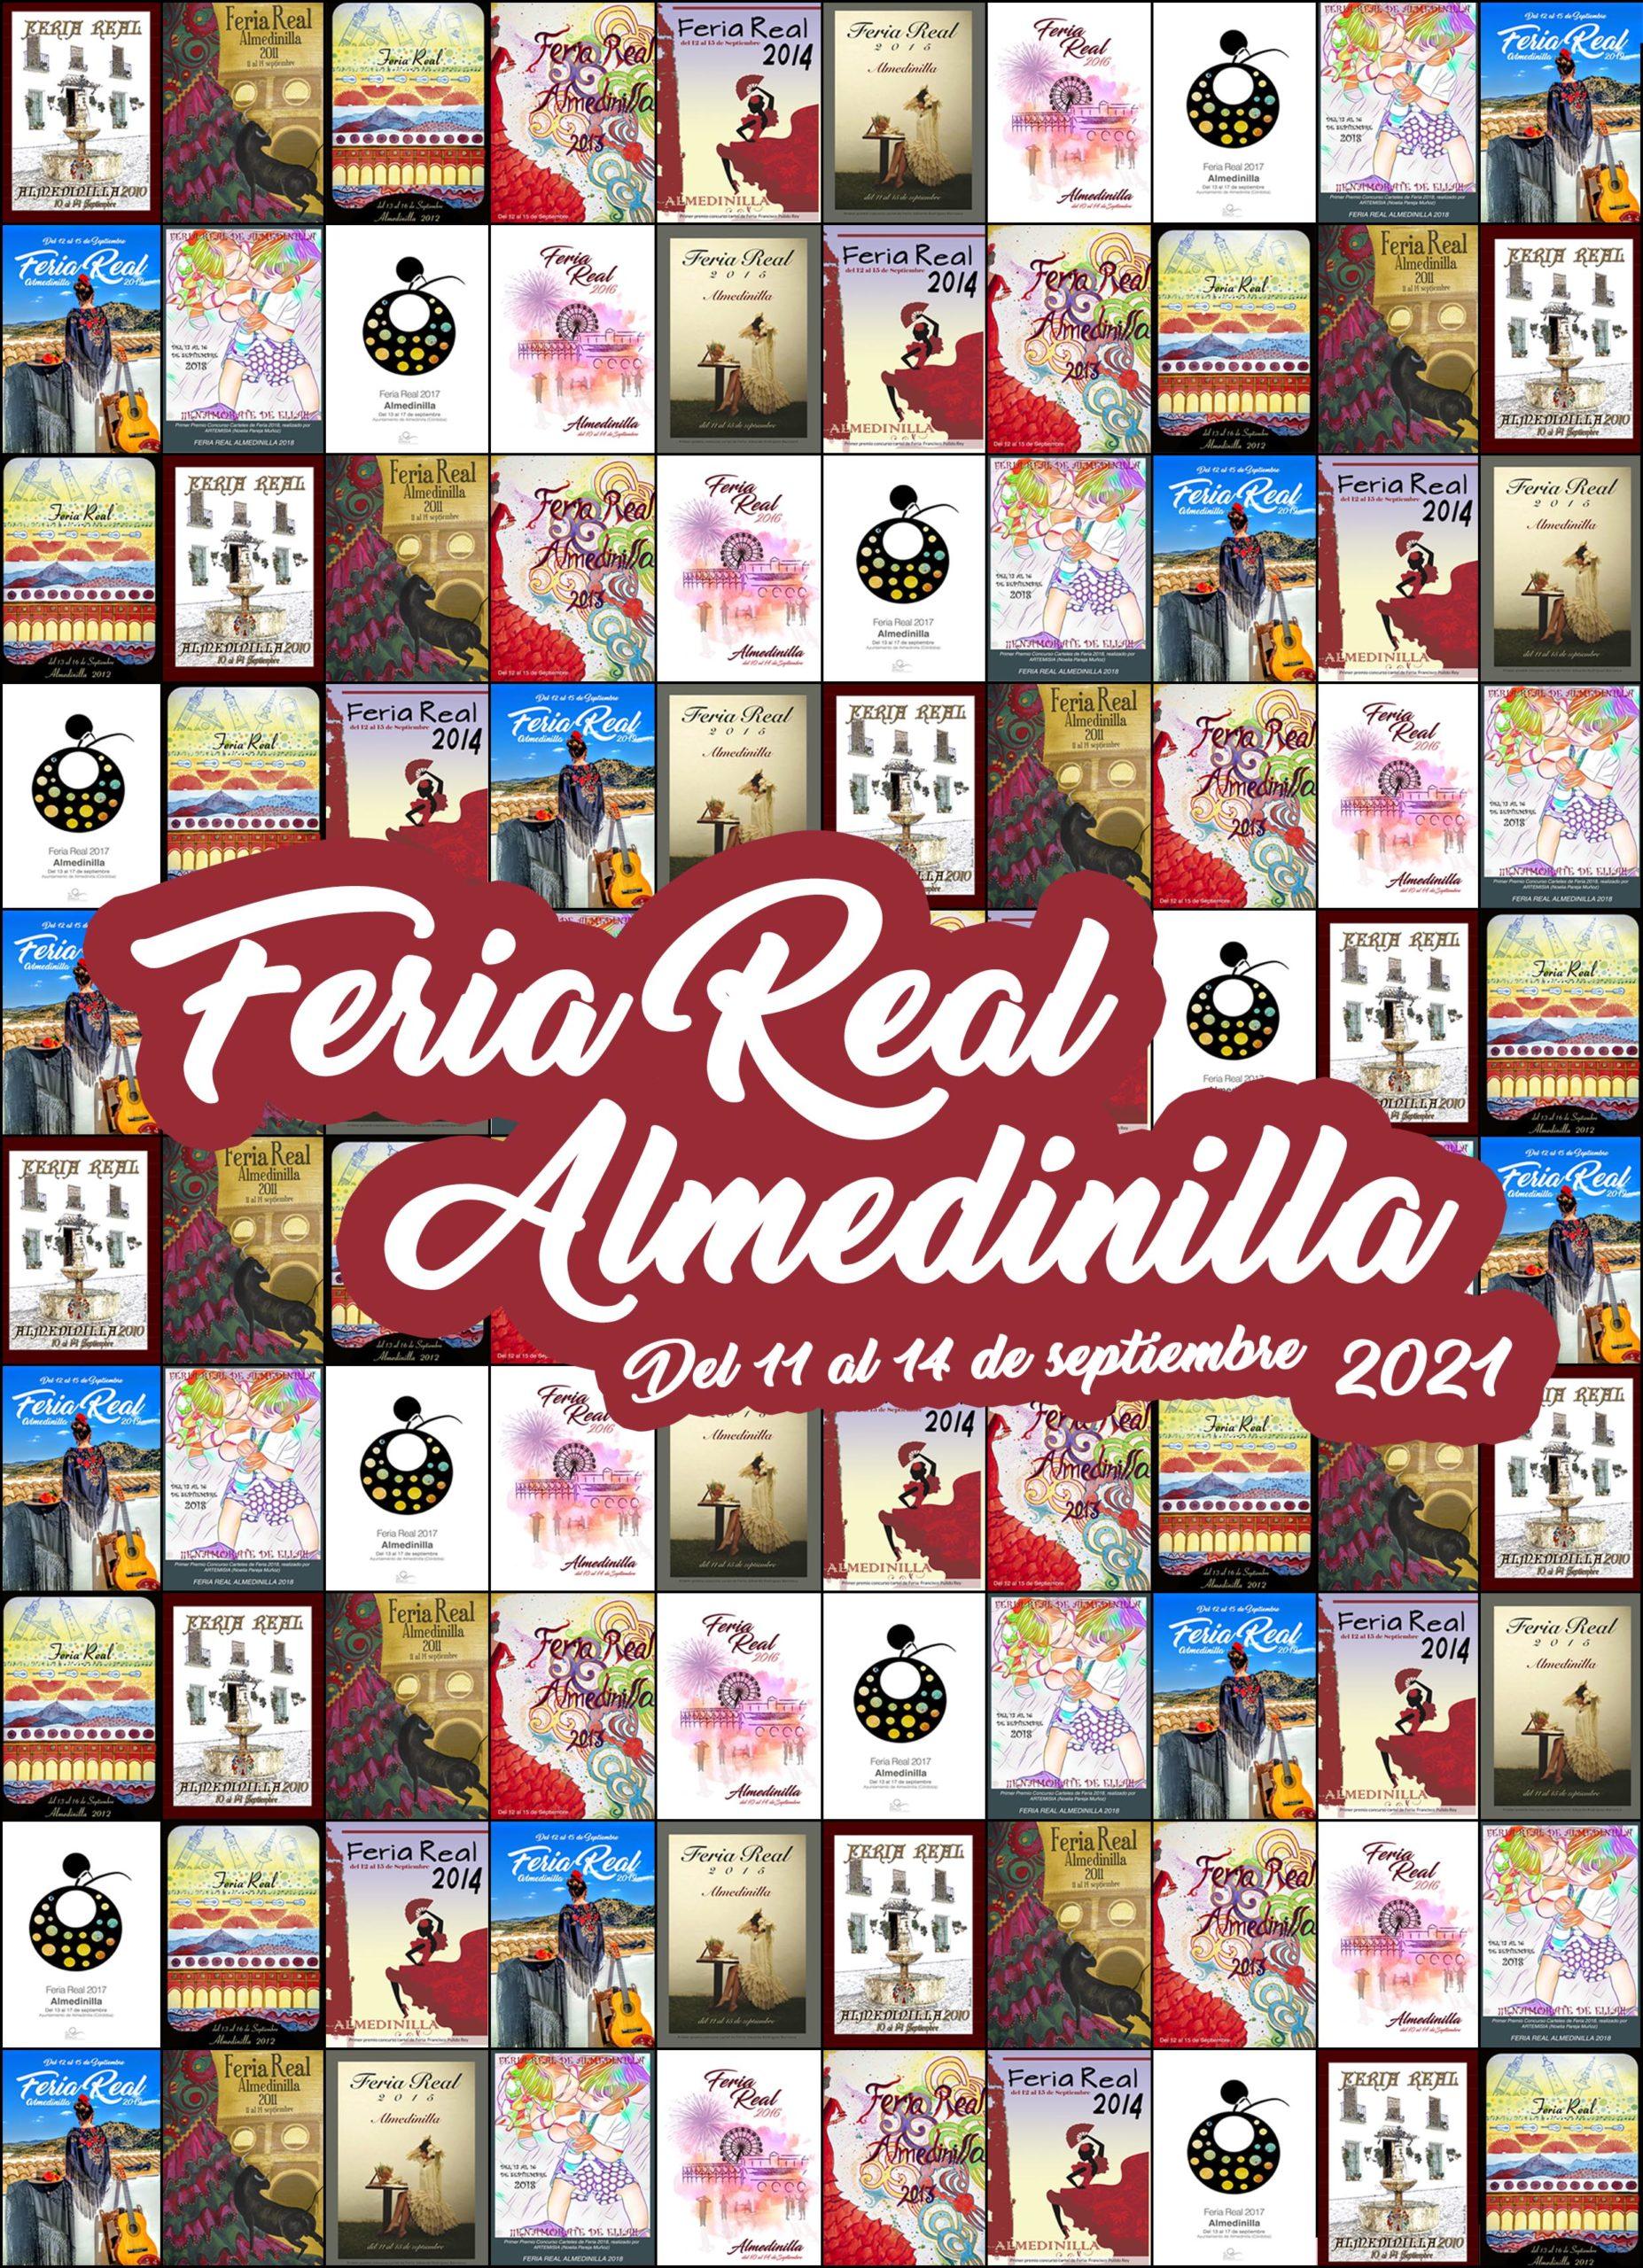 Cartel Feria Real Almedinilla 2021